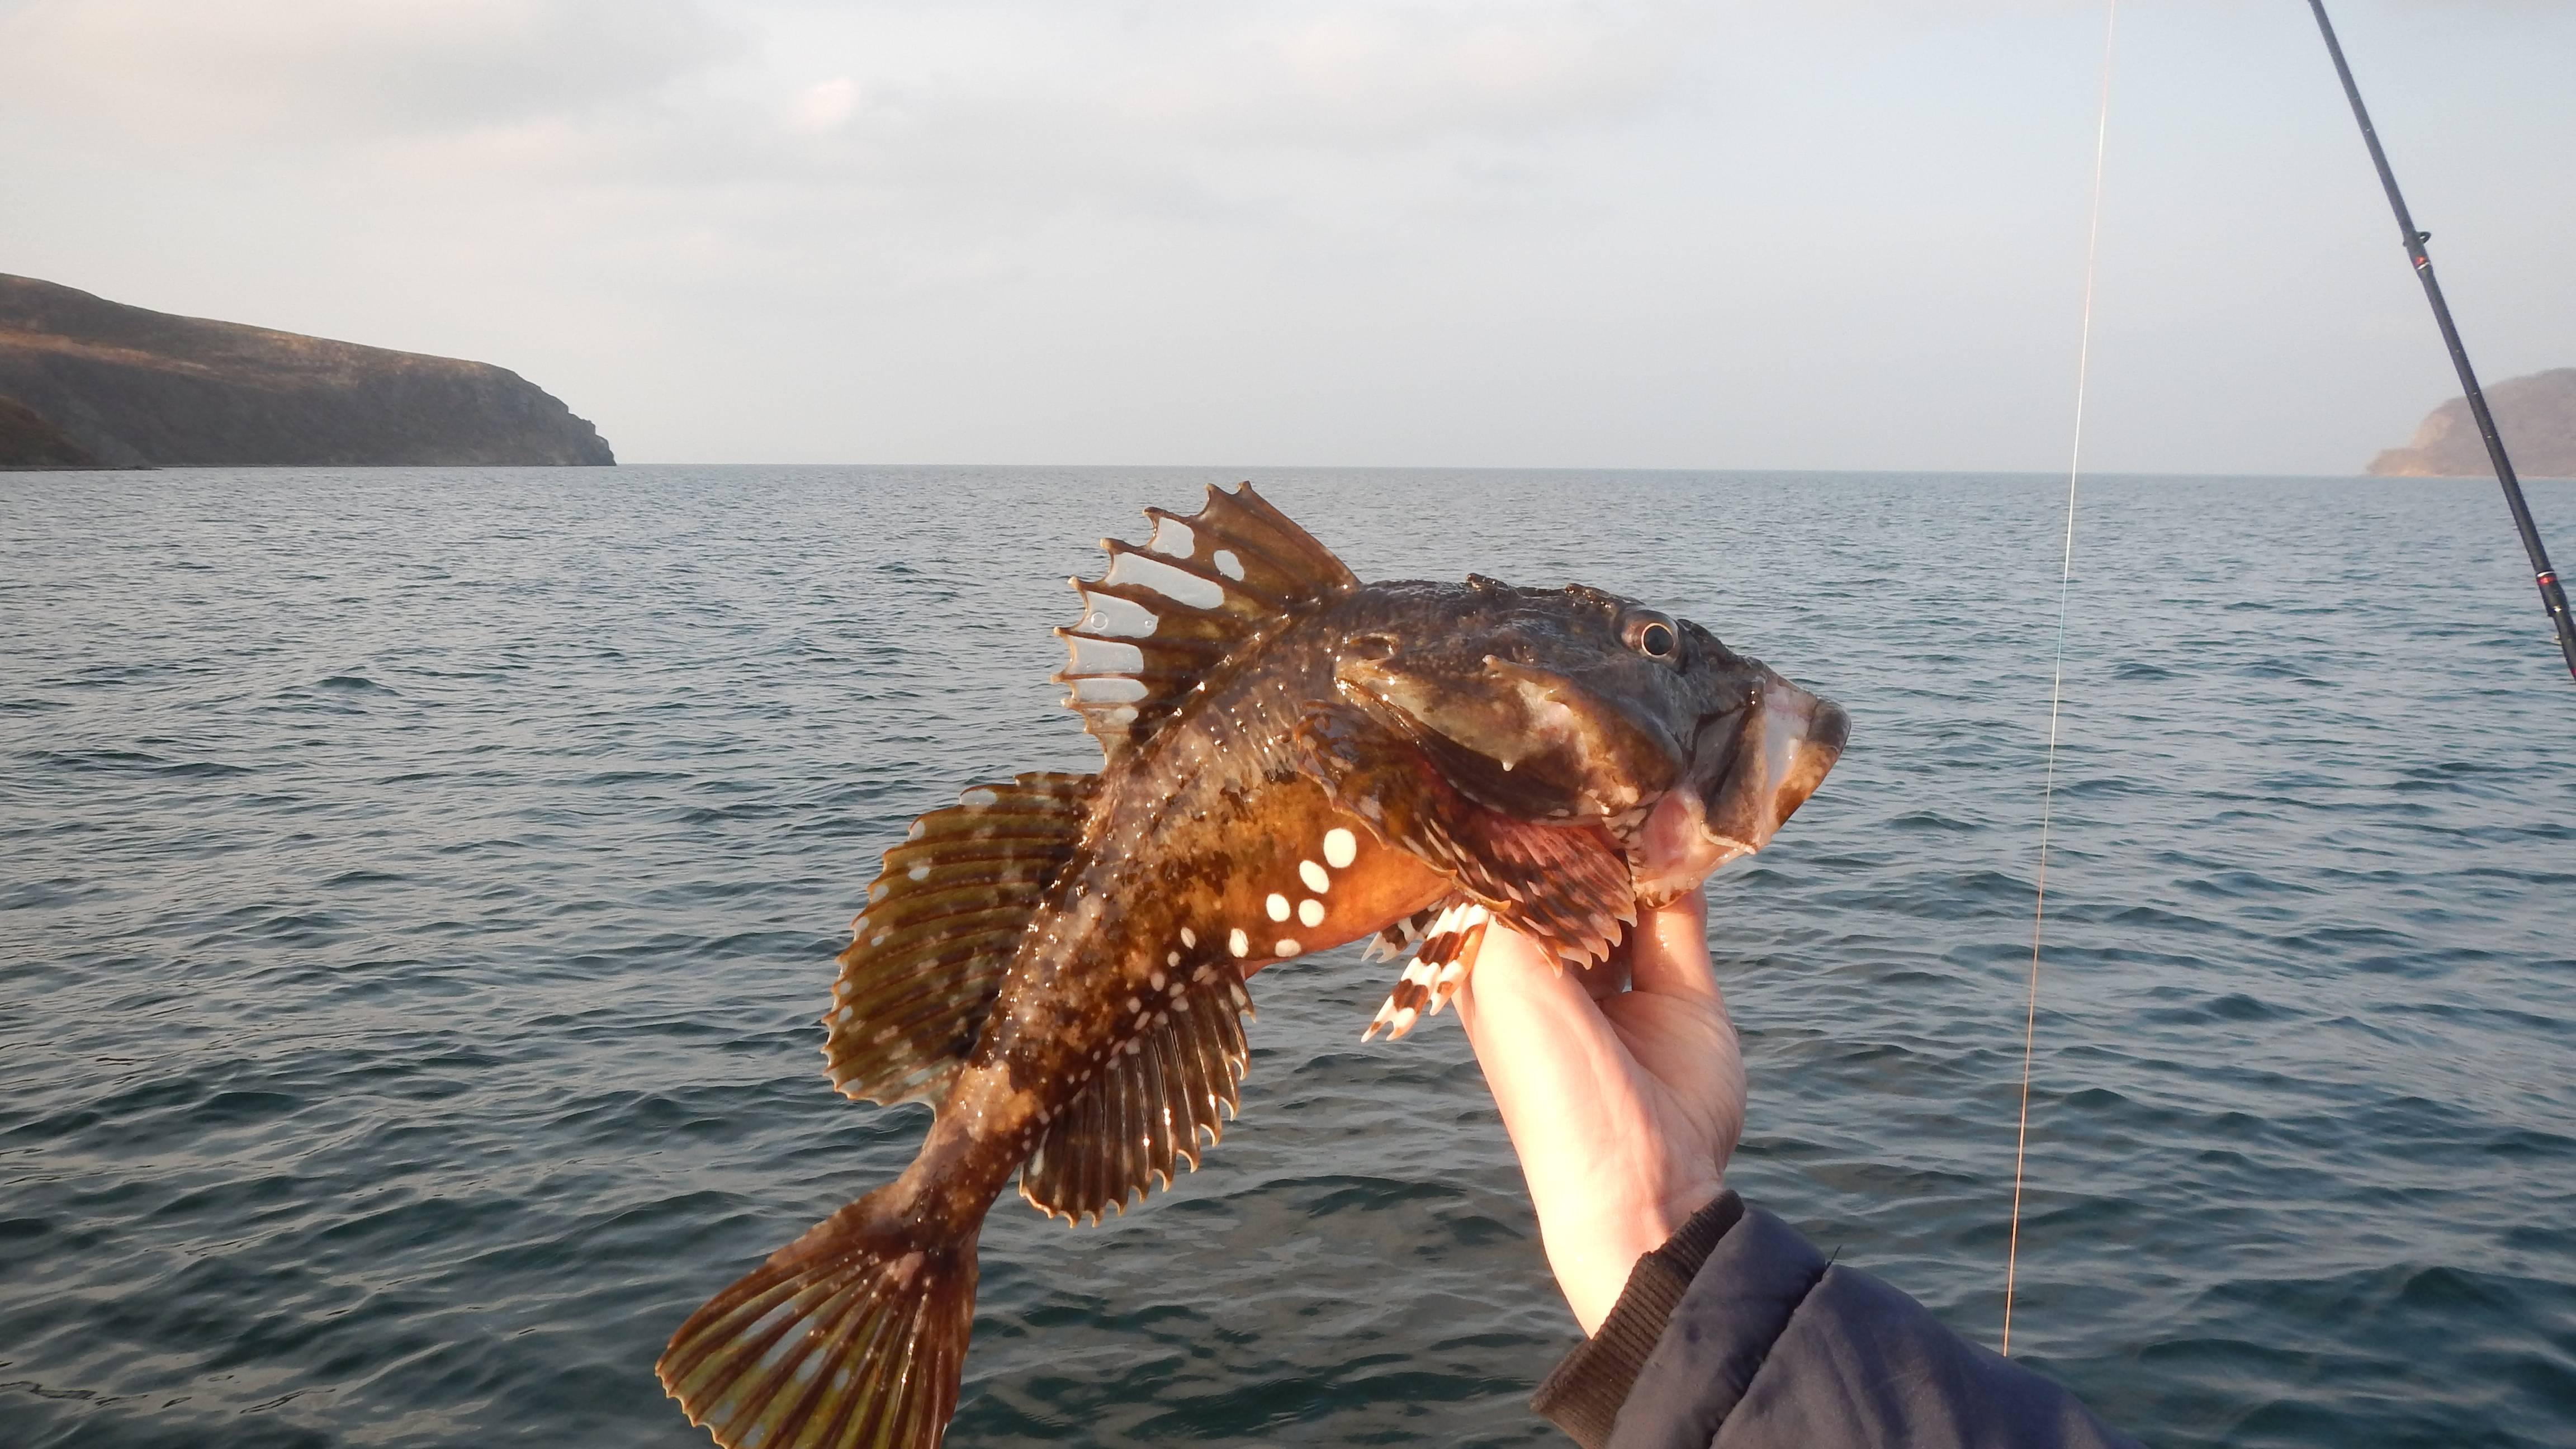 На рыбалку на белое море: что ловить, рыбные места